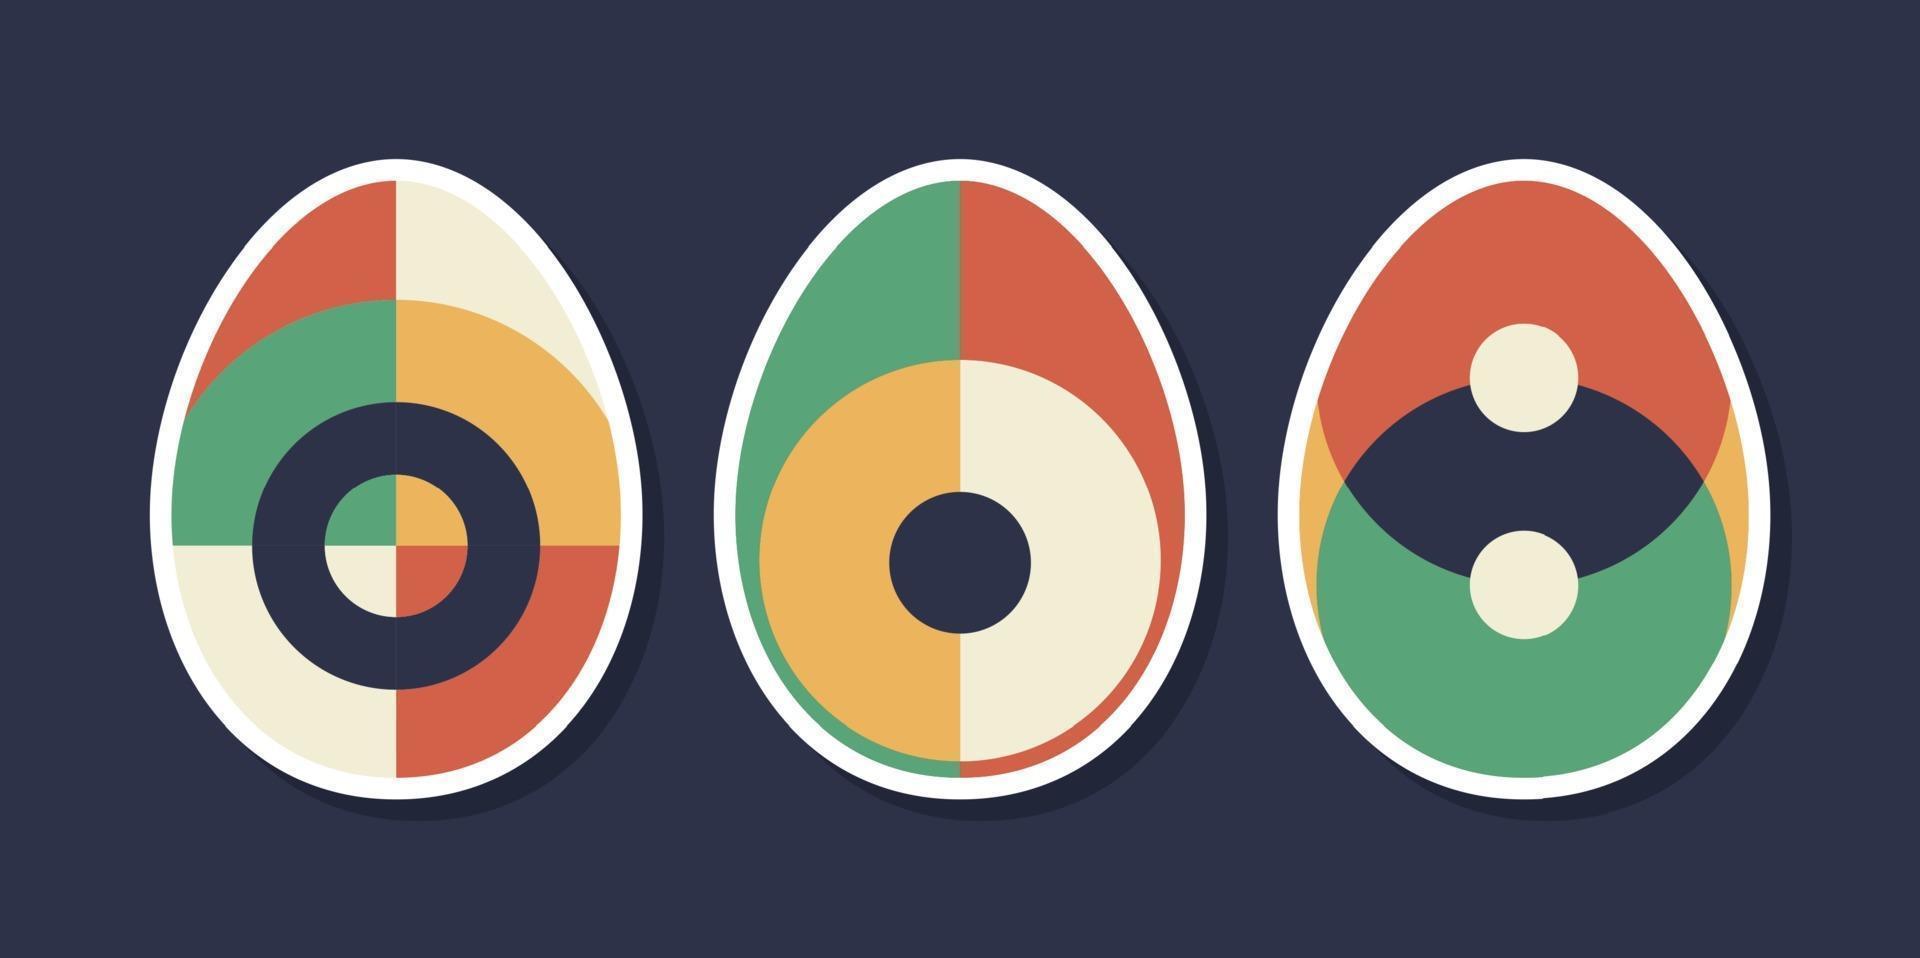 conjunto de huevo de pascua geométrico minimalista con elementos de forma geométrica. Ilustración de vector de plantillas abstractas de moda creativas contemporáneas modernas.